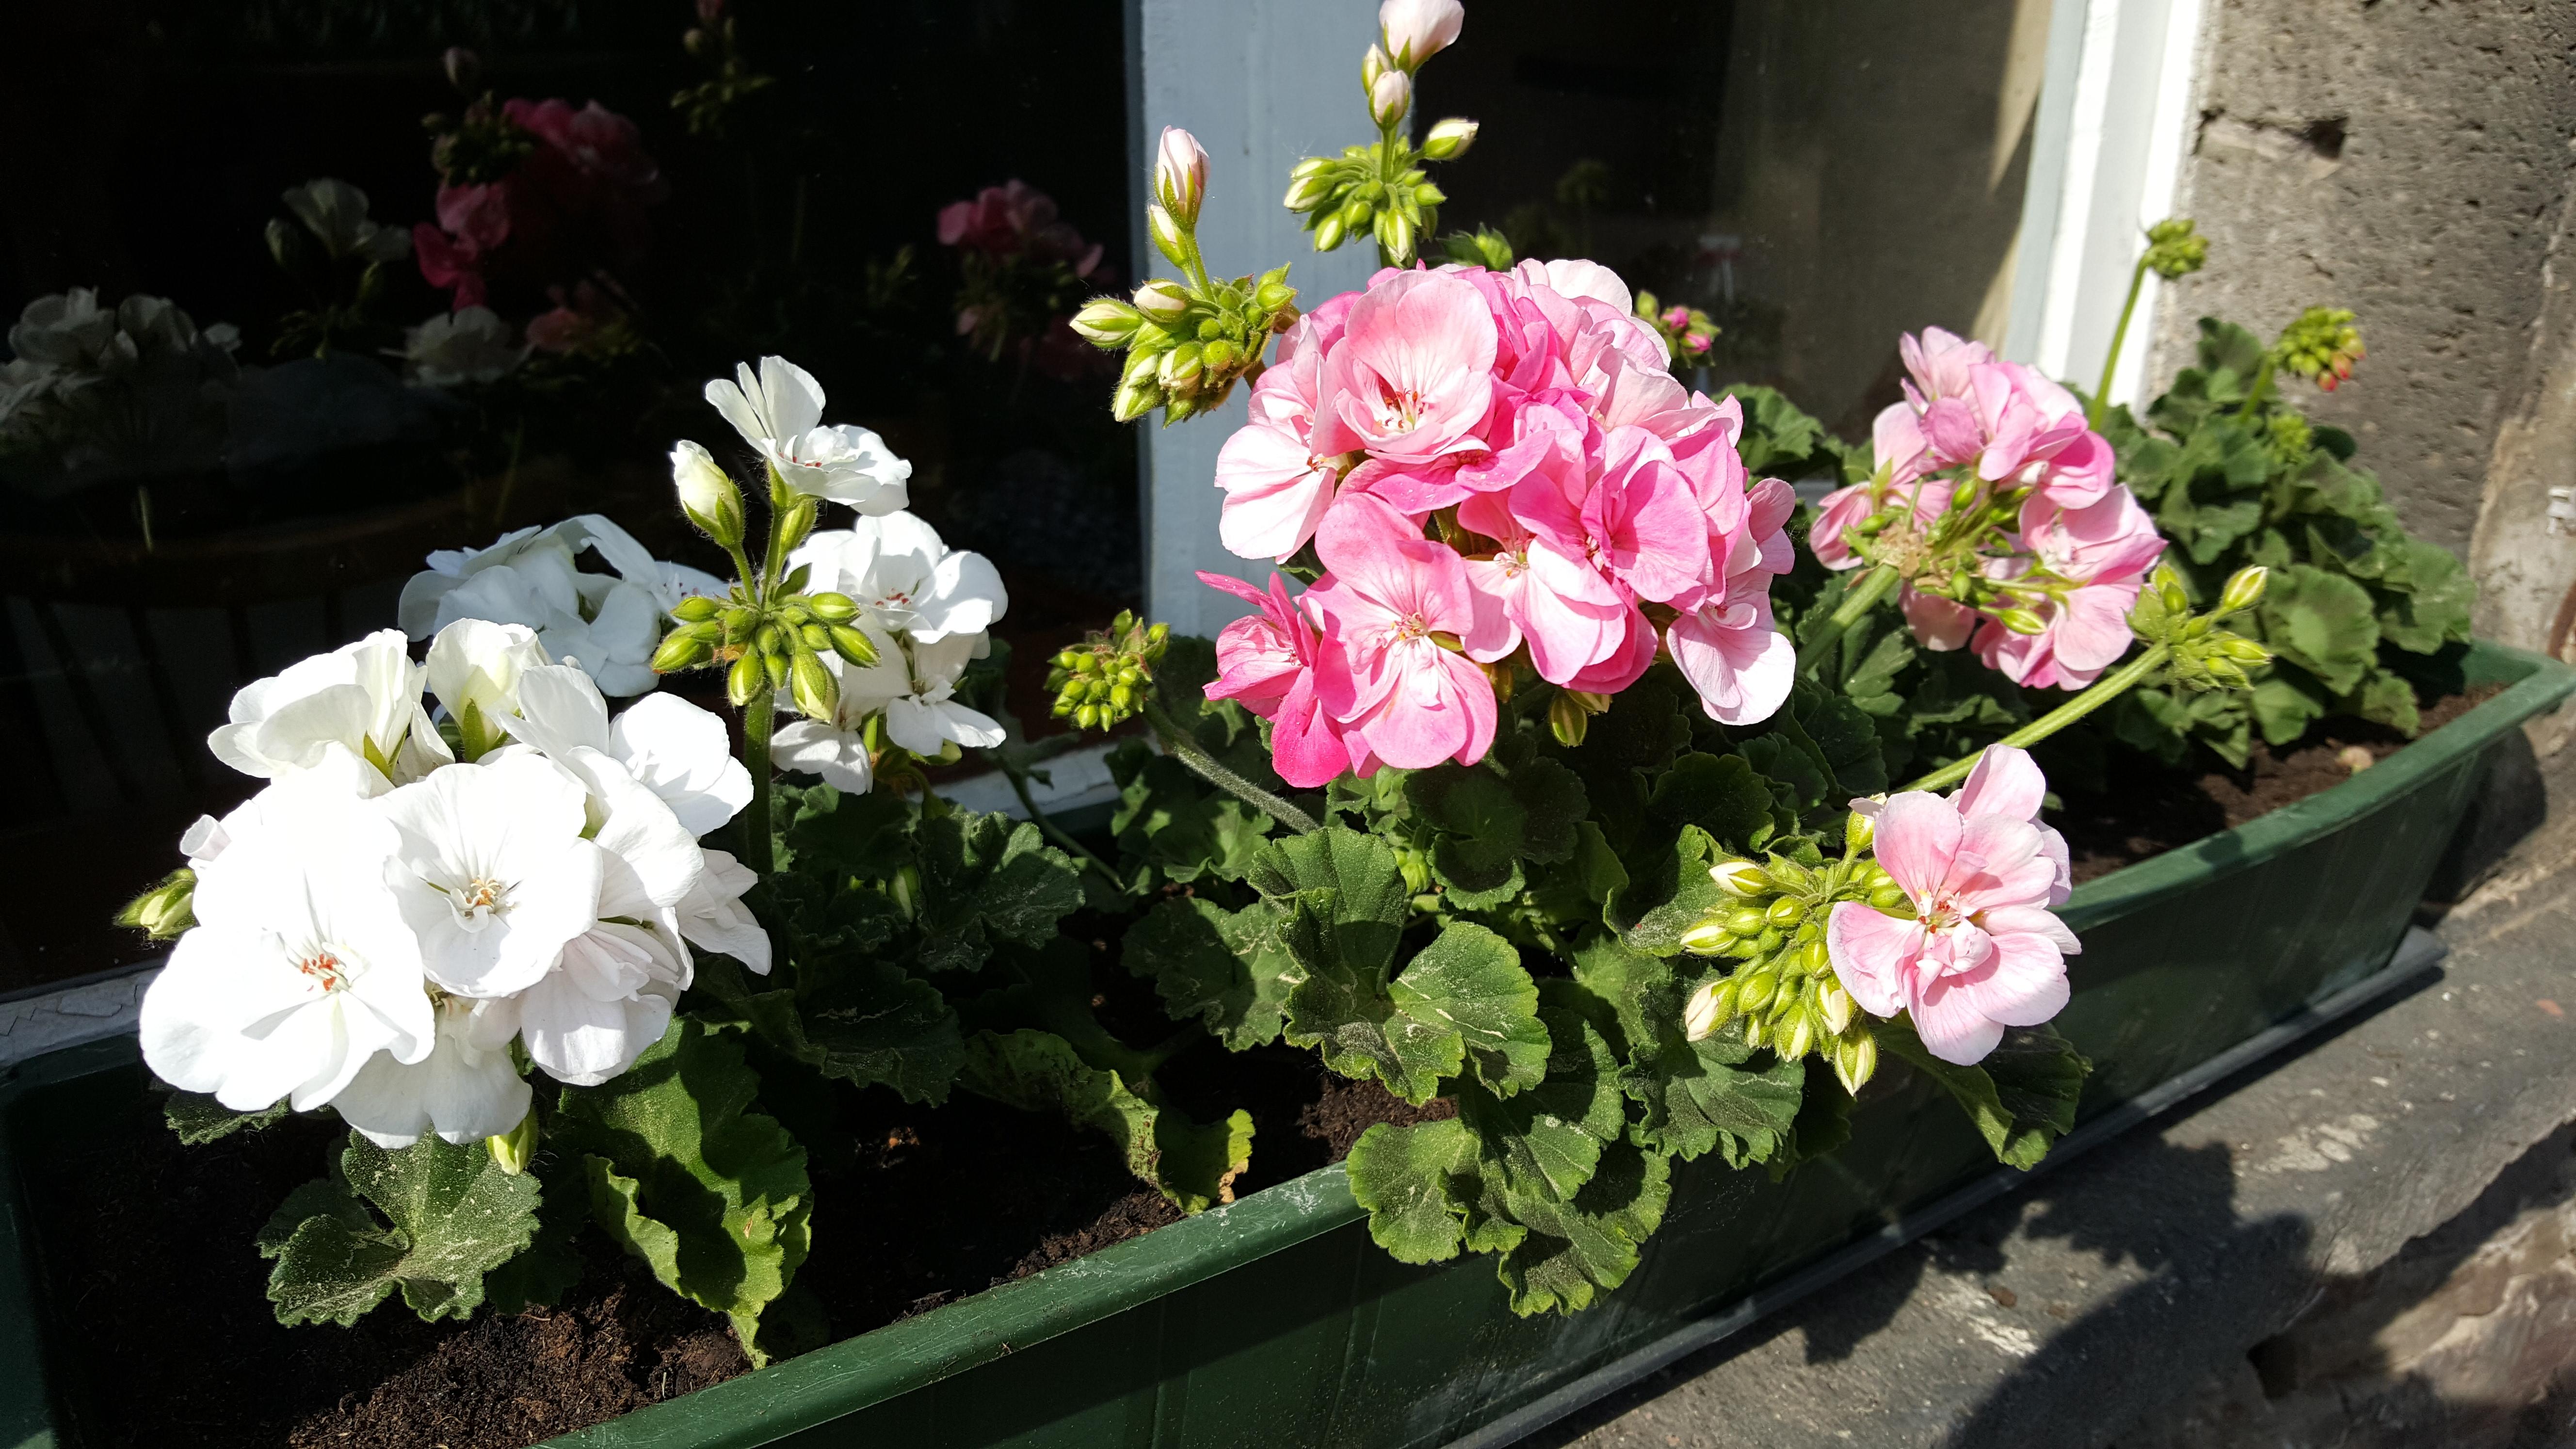 Wie Pflege Ich Meine Geranien Richtig? (Blumen, Dünger